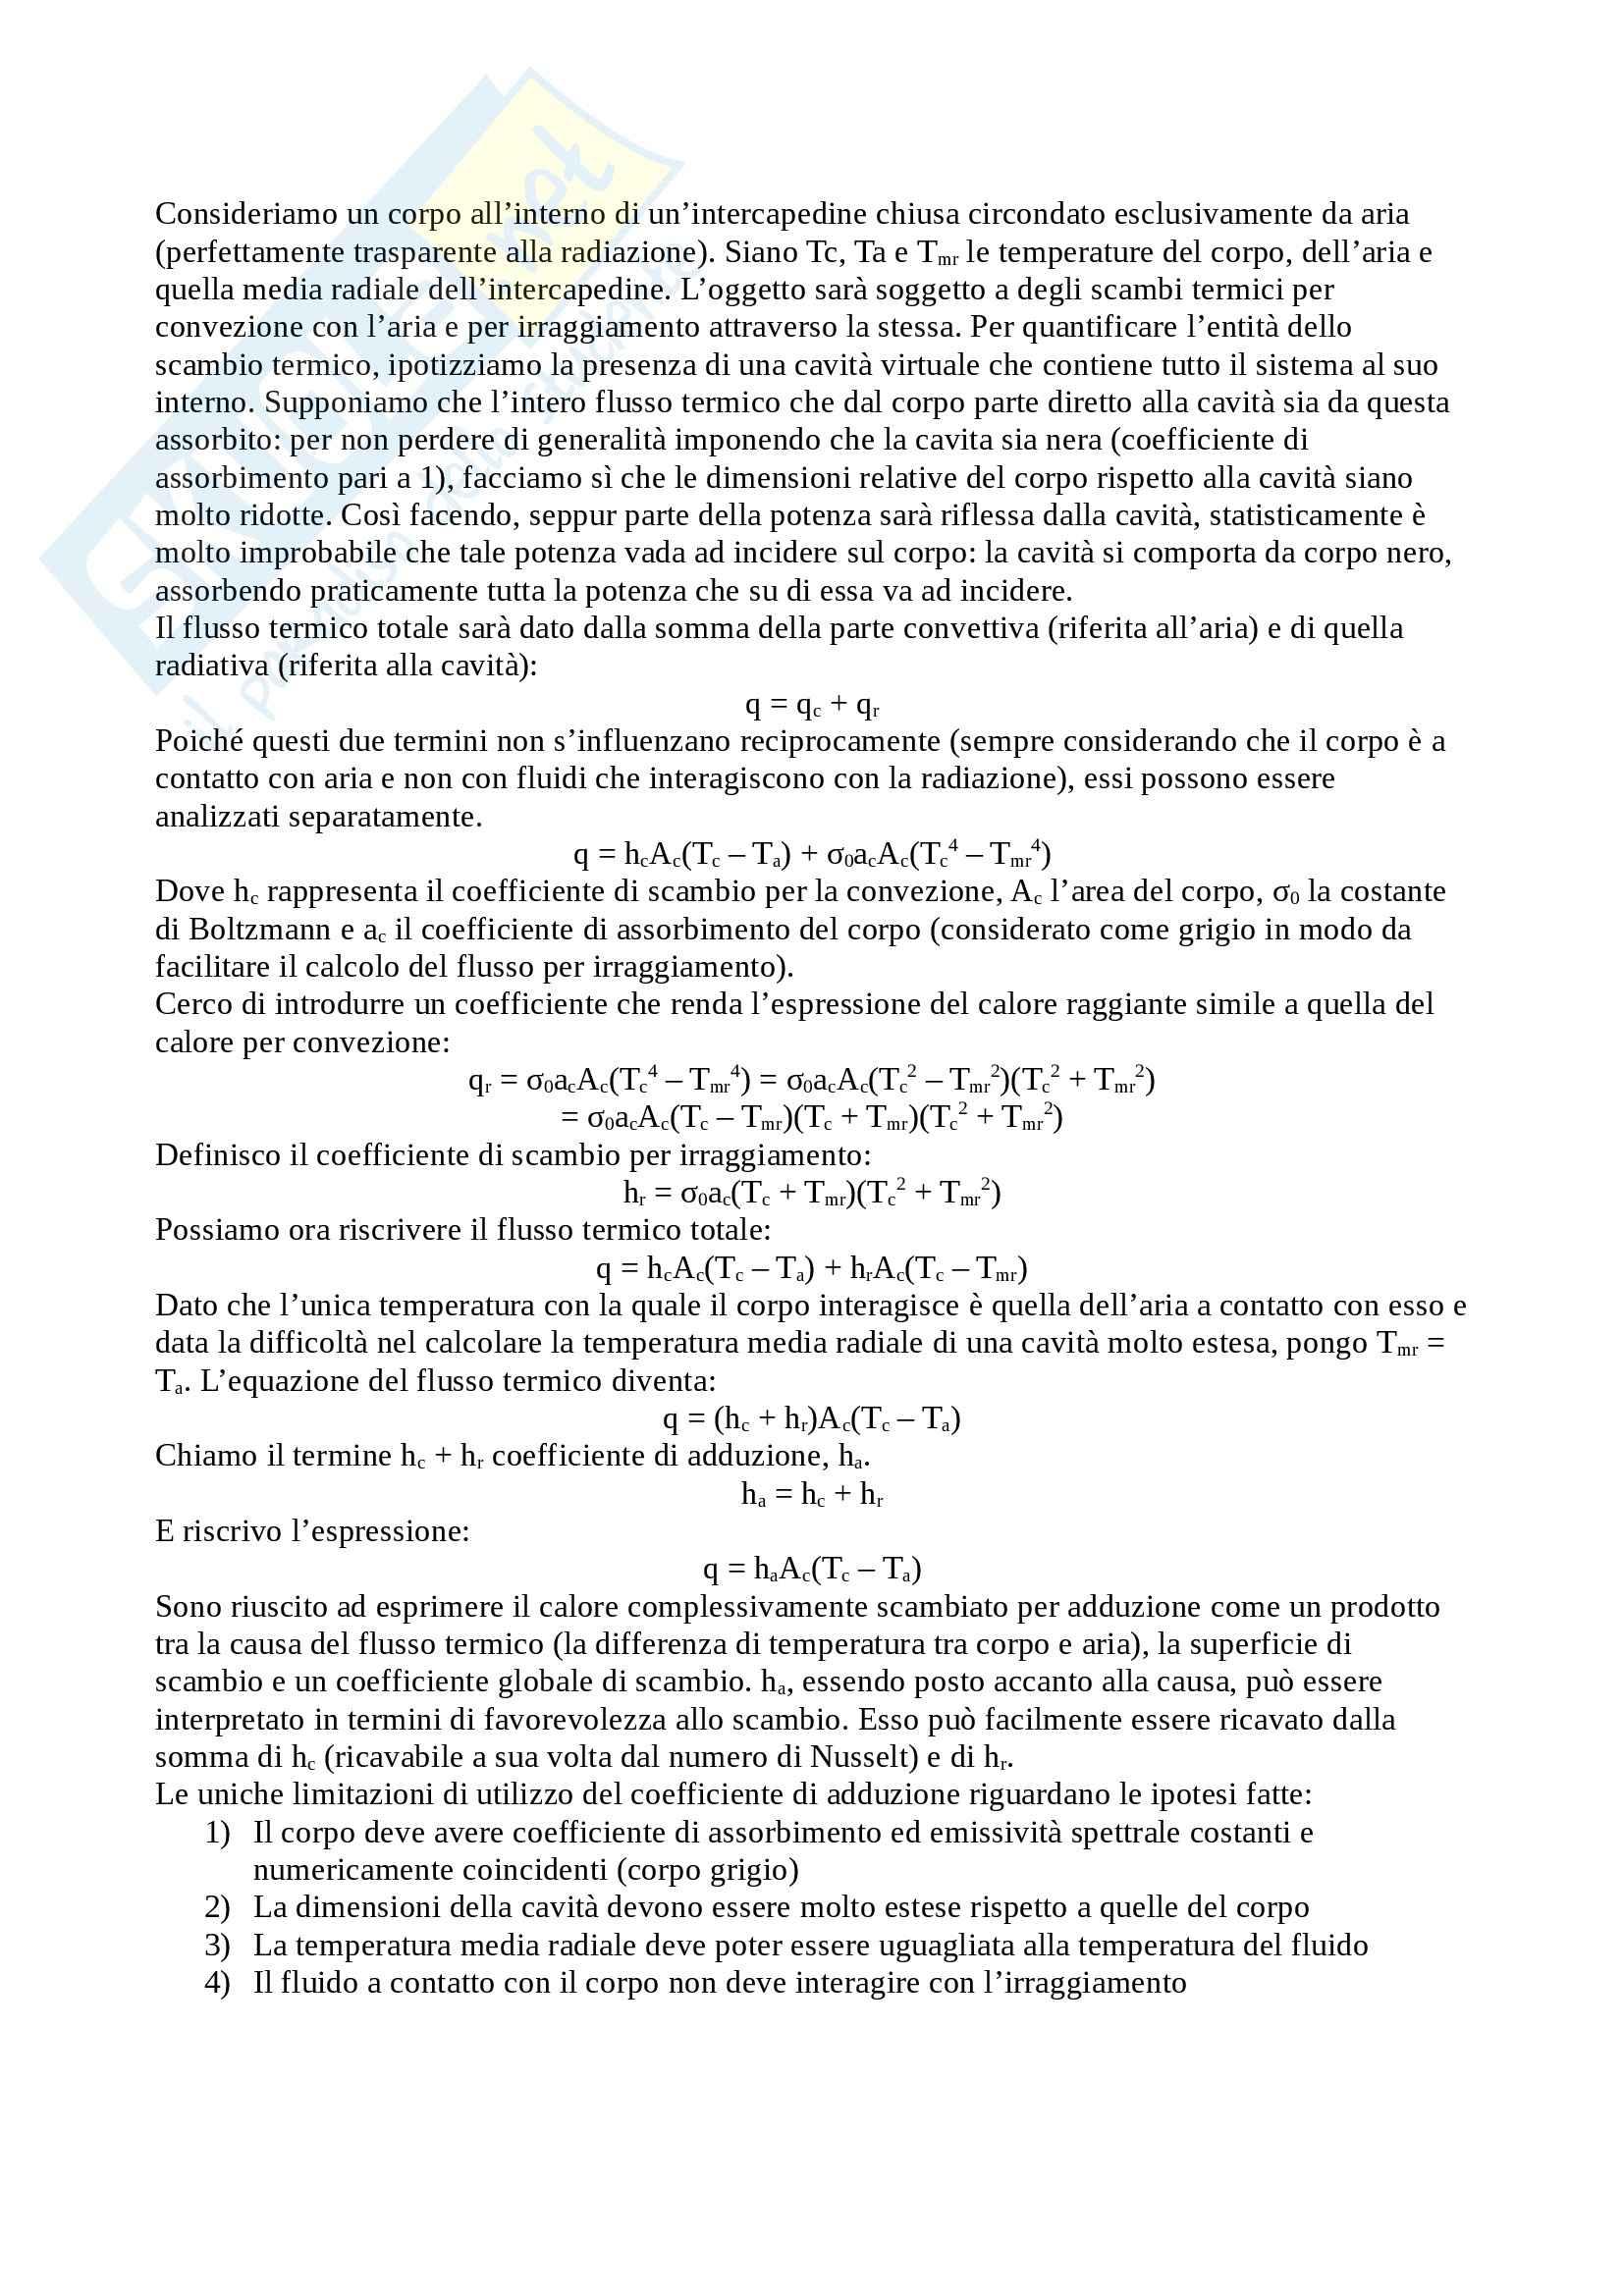 Trasmissione del calore - Coefficiente adduzione